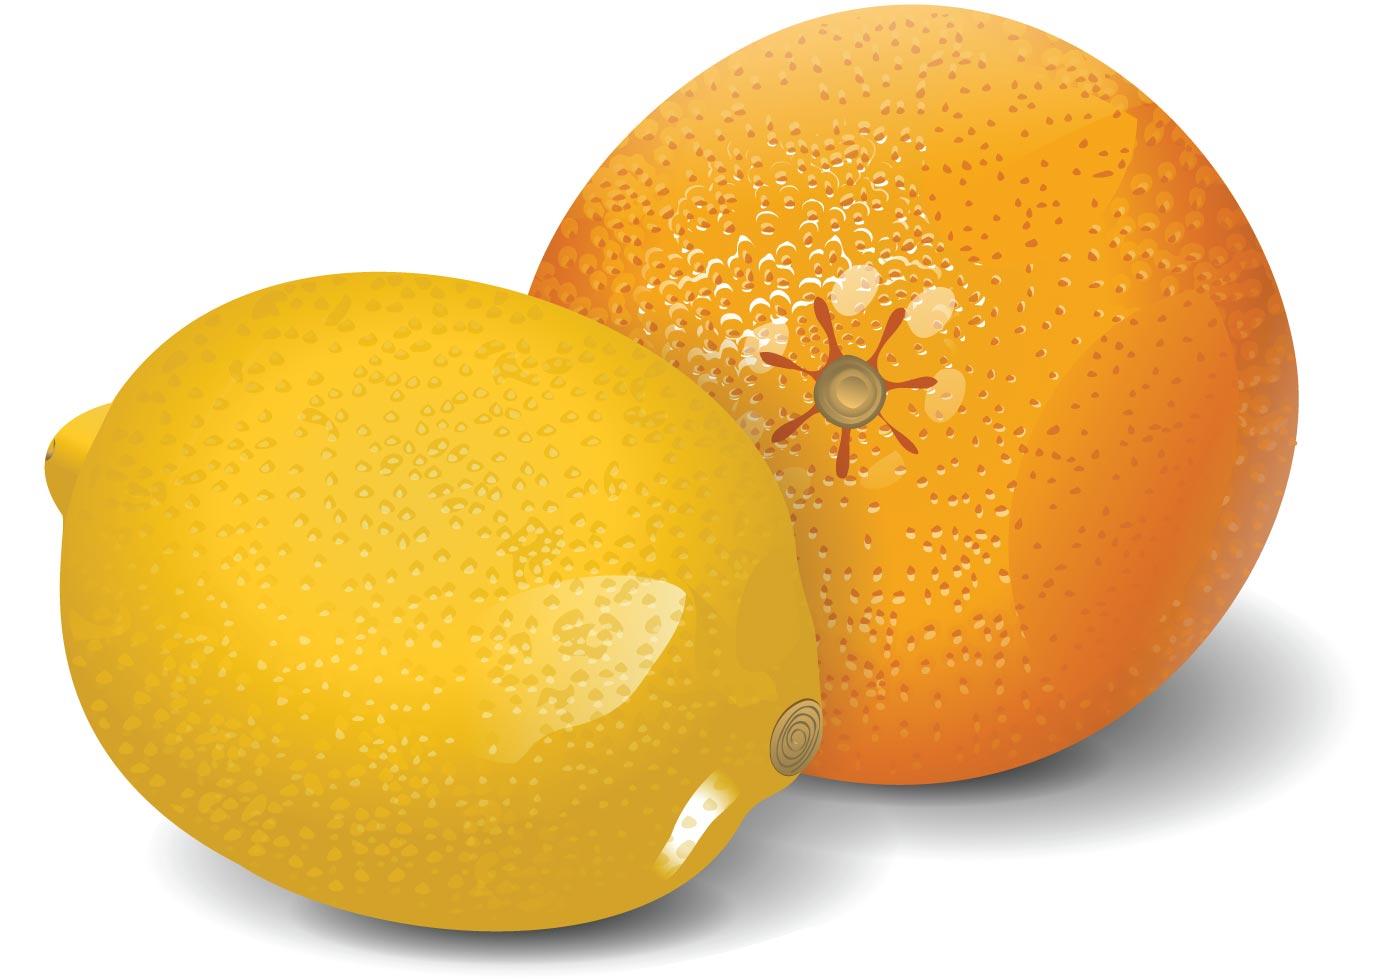 Code Promo Orange Iphone